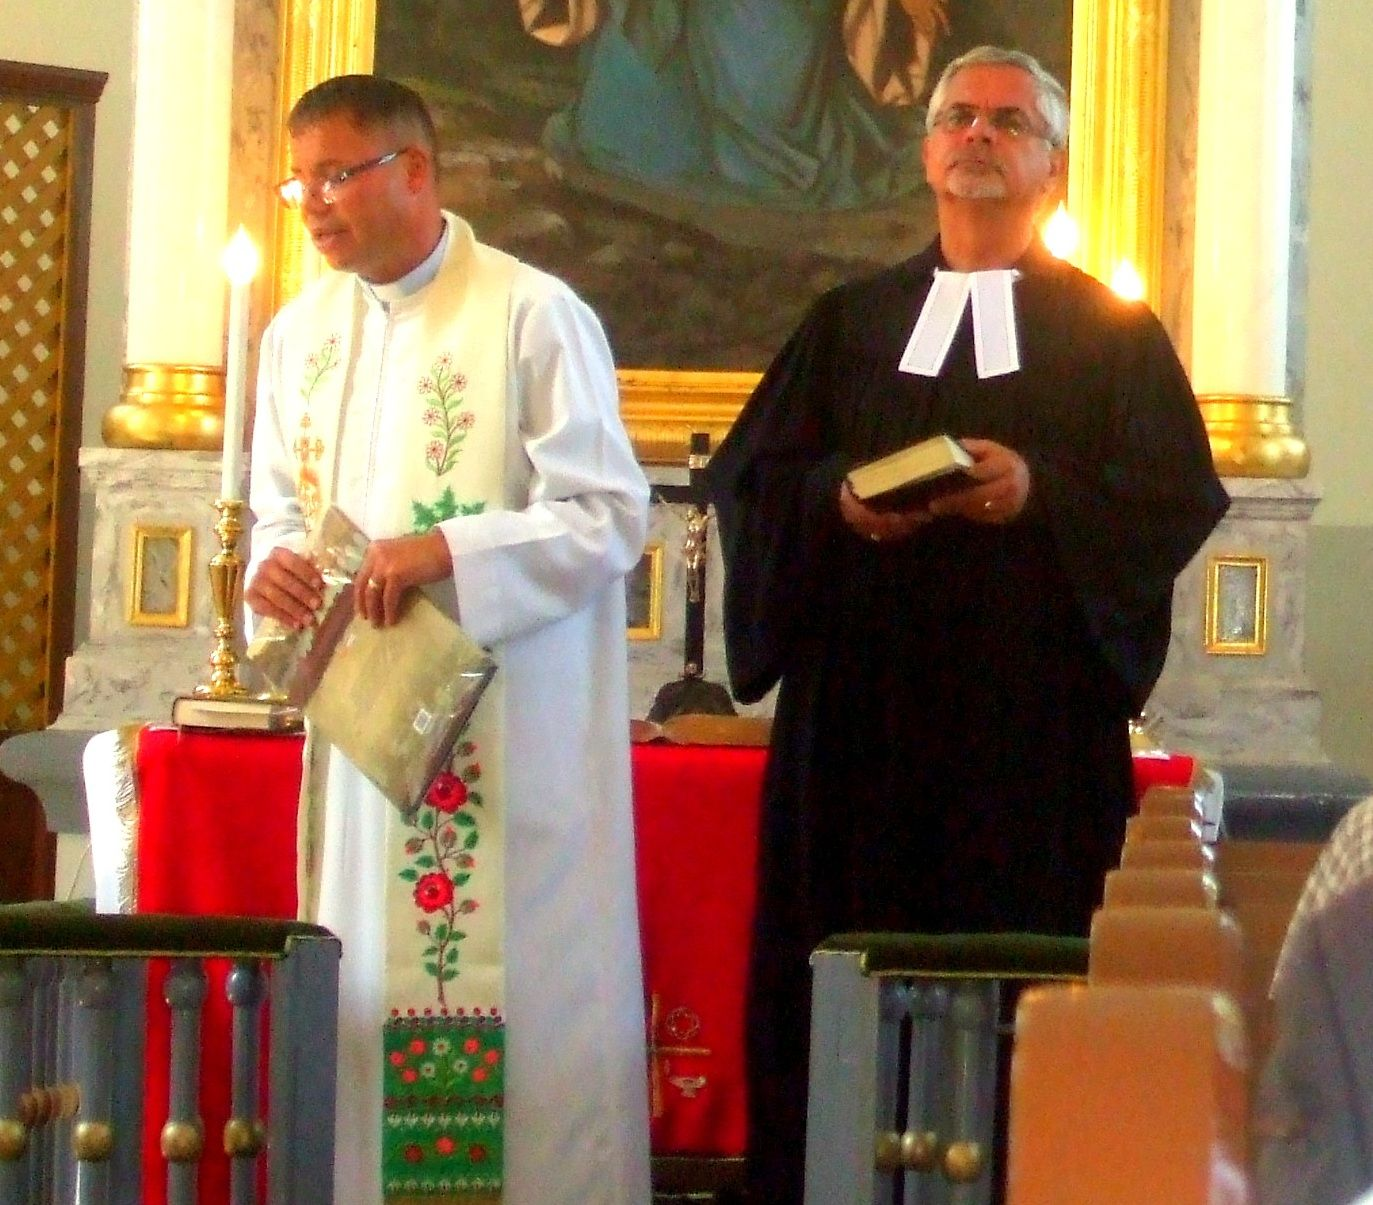 Bencsik Tibor plébános, és Szeberényi János lelkész. Fotó: Sztakó Zsolt